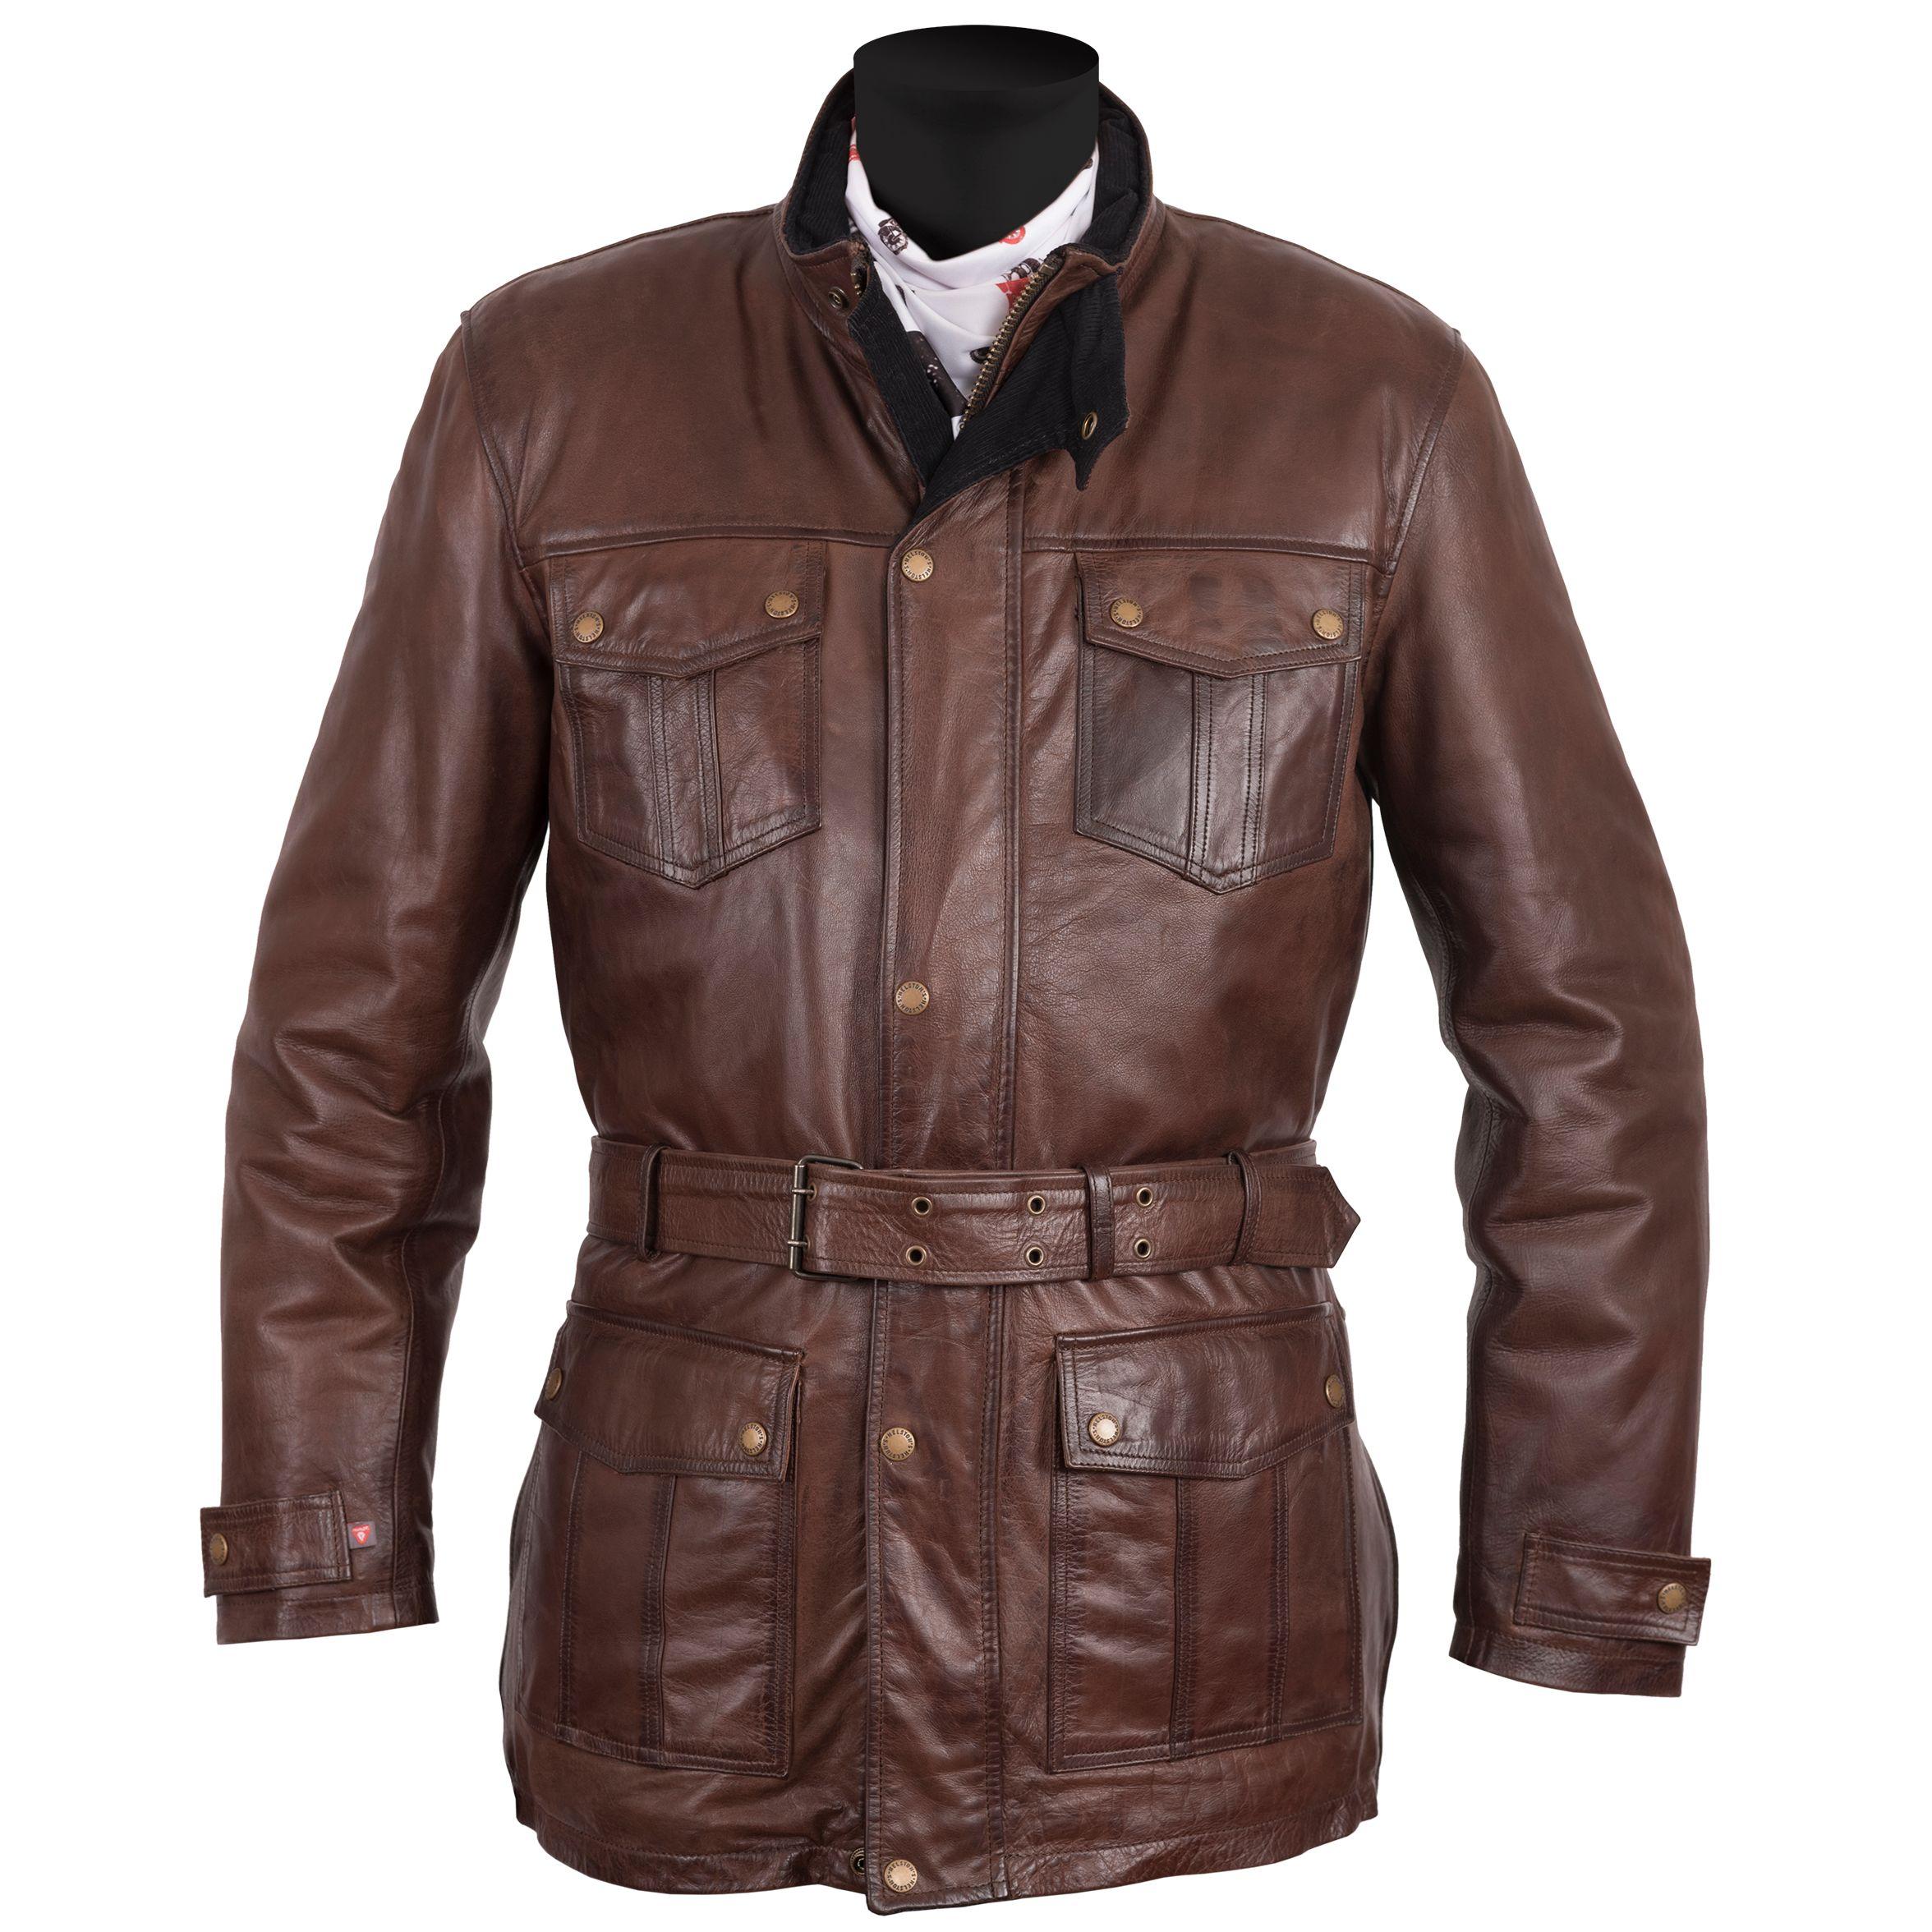 Chaqueta Helstons BRITT - cuero Antik - Cazadoras y chaquetas moto ... 4d2a47c1f0a